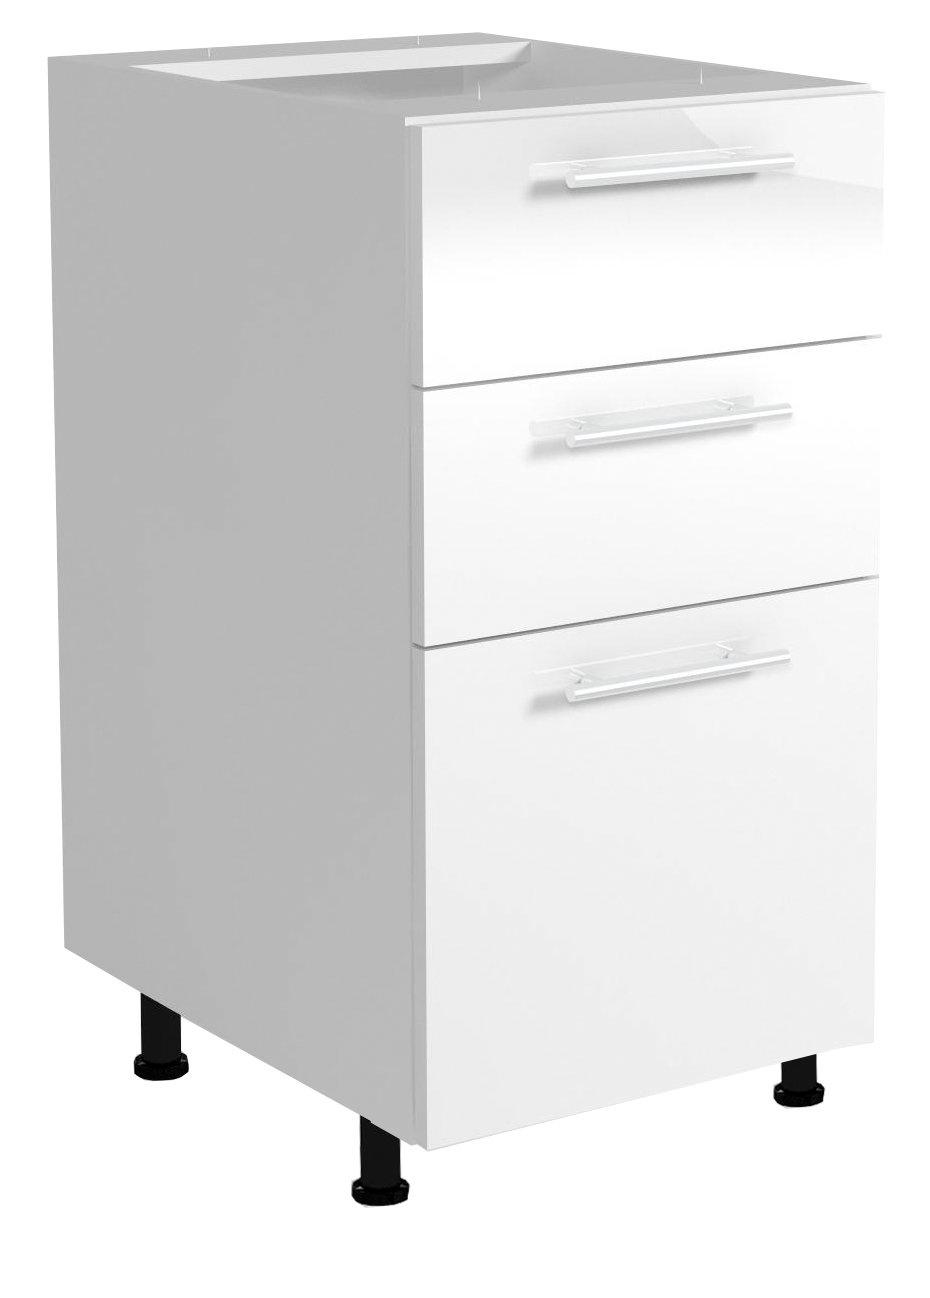 Dolní skříňka s šuplíky VENTO D3S-40/82, dvířka: béžový lesk